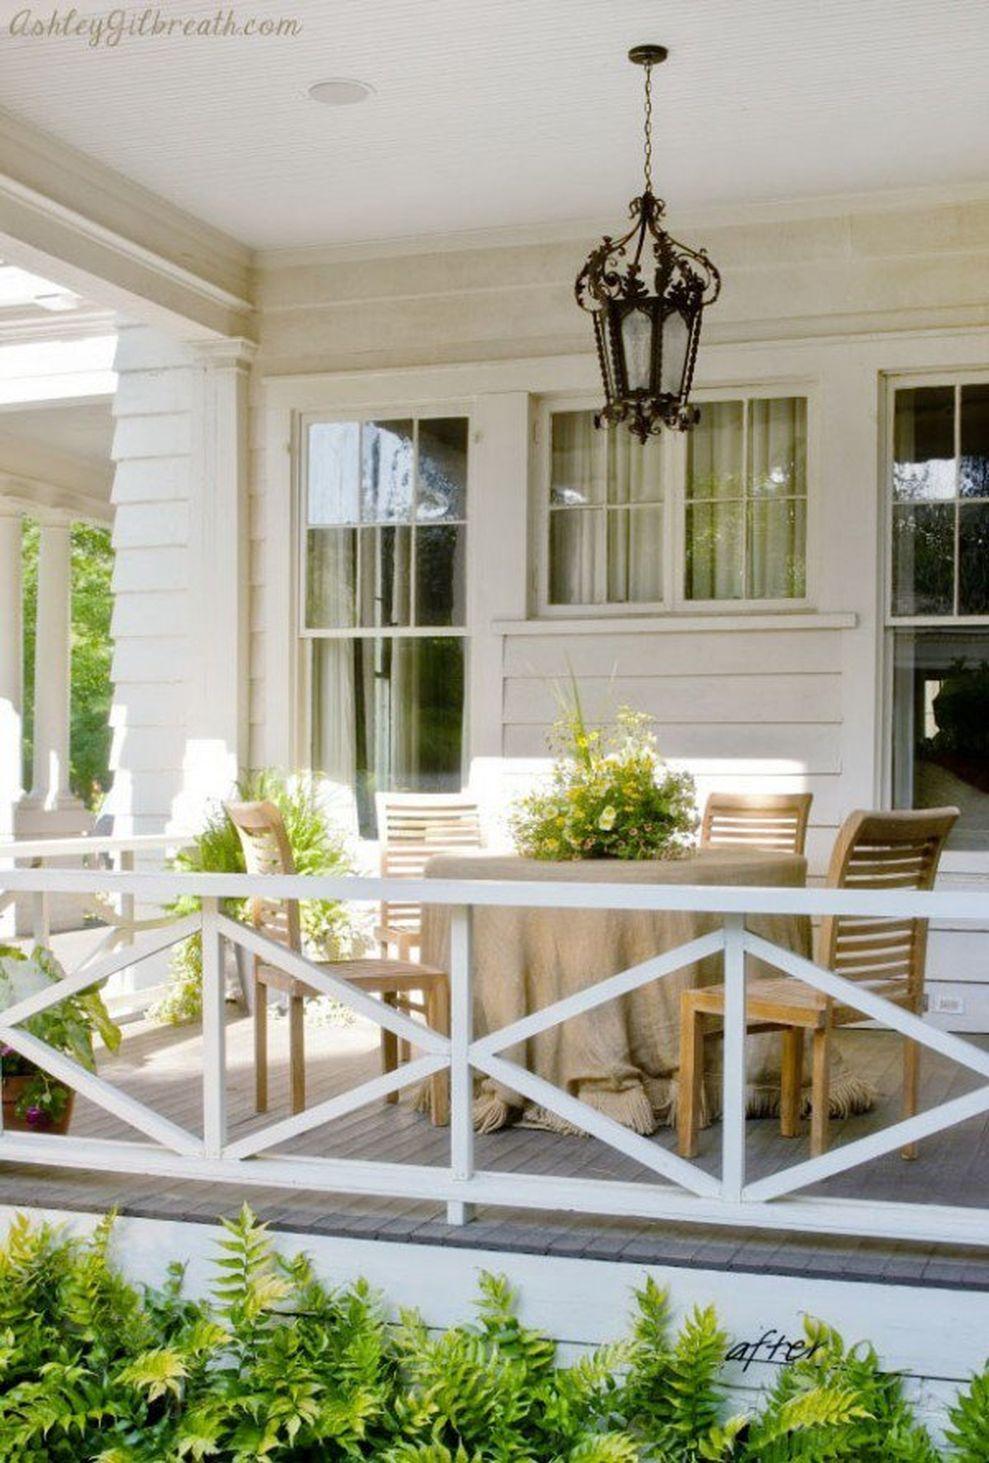 Creative front porch garden design ideas 06